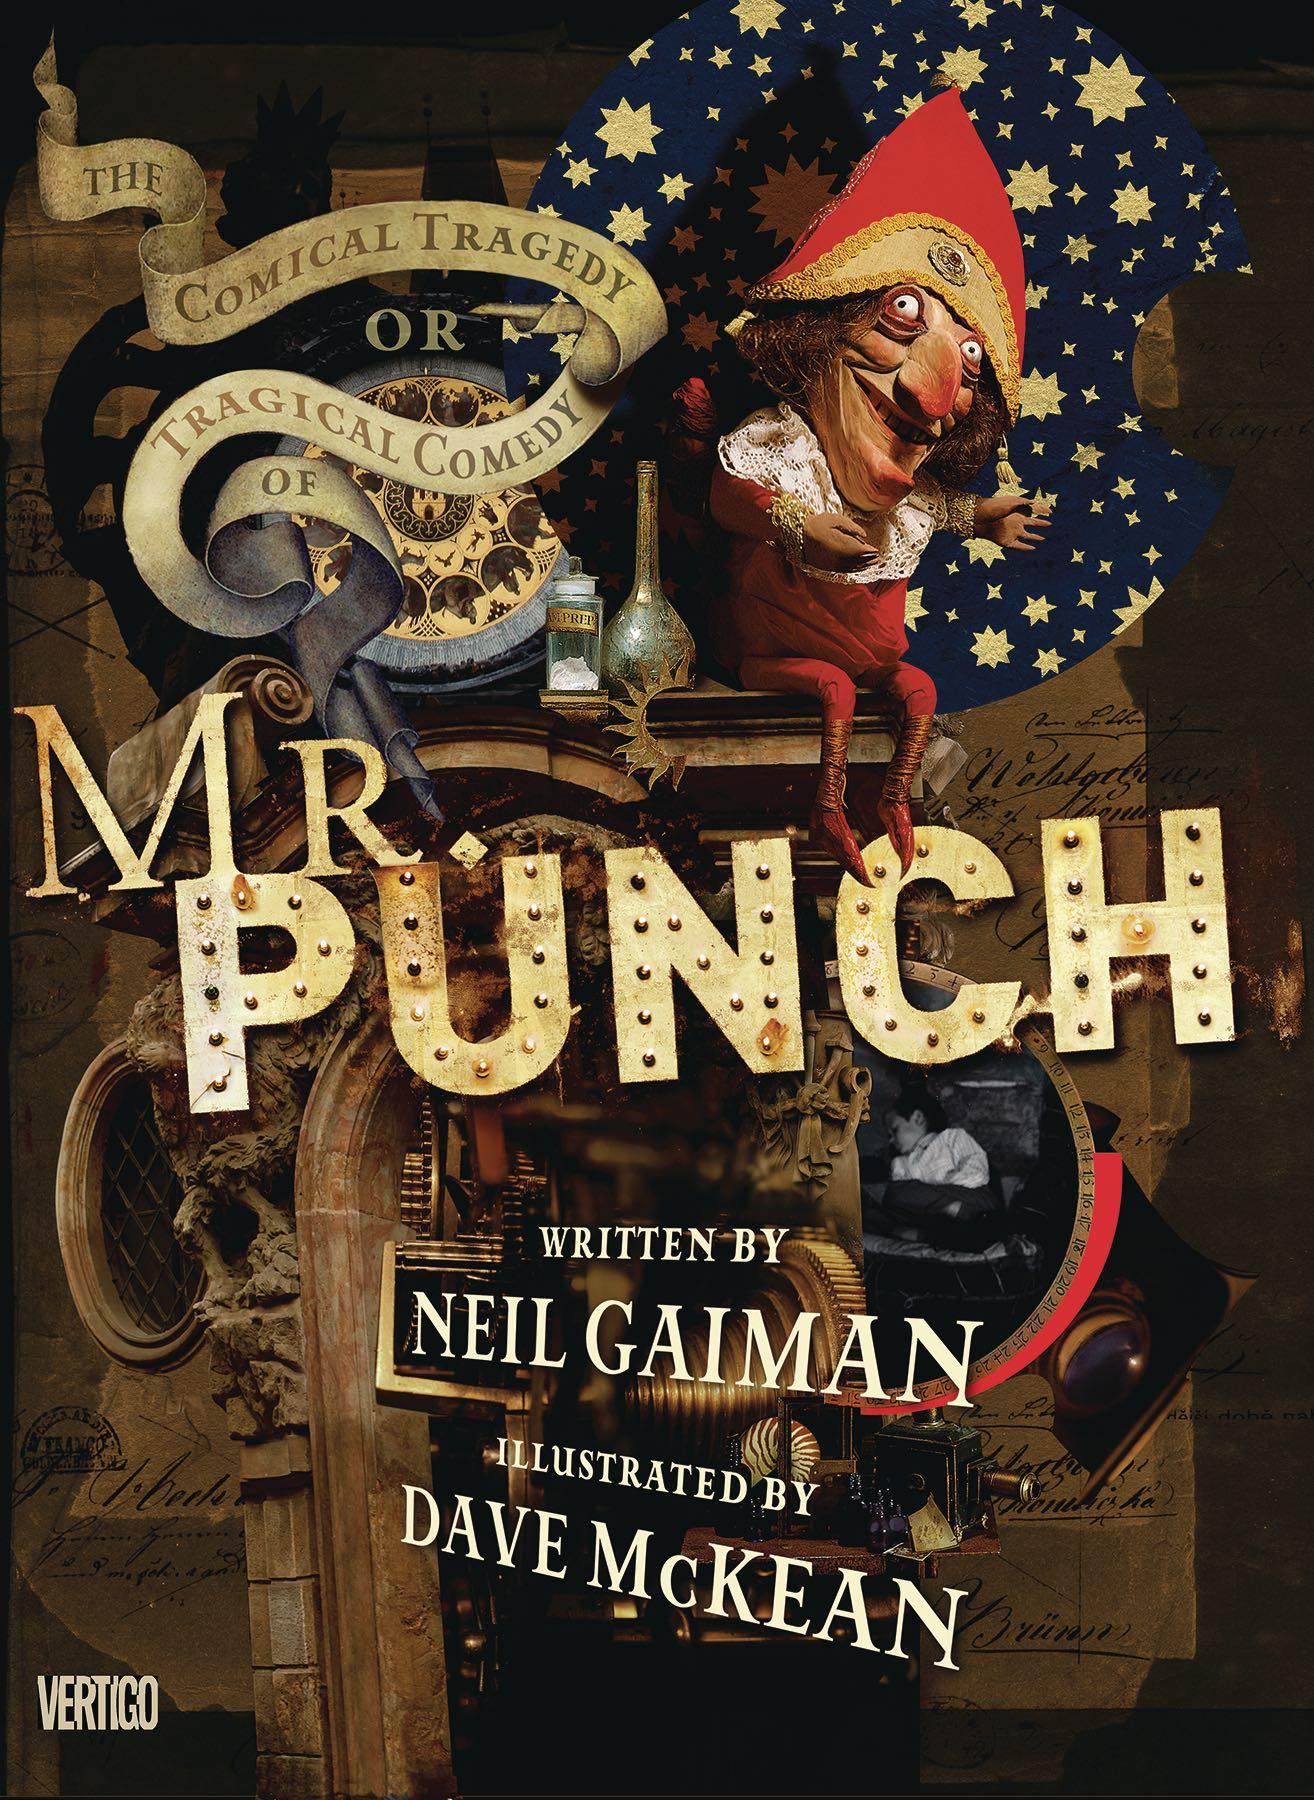 Neil Gaiman, Dave McKean, Mr. Punch, Titelmotiv, 1992